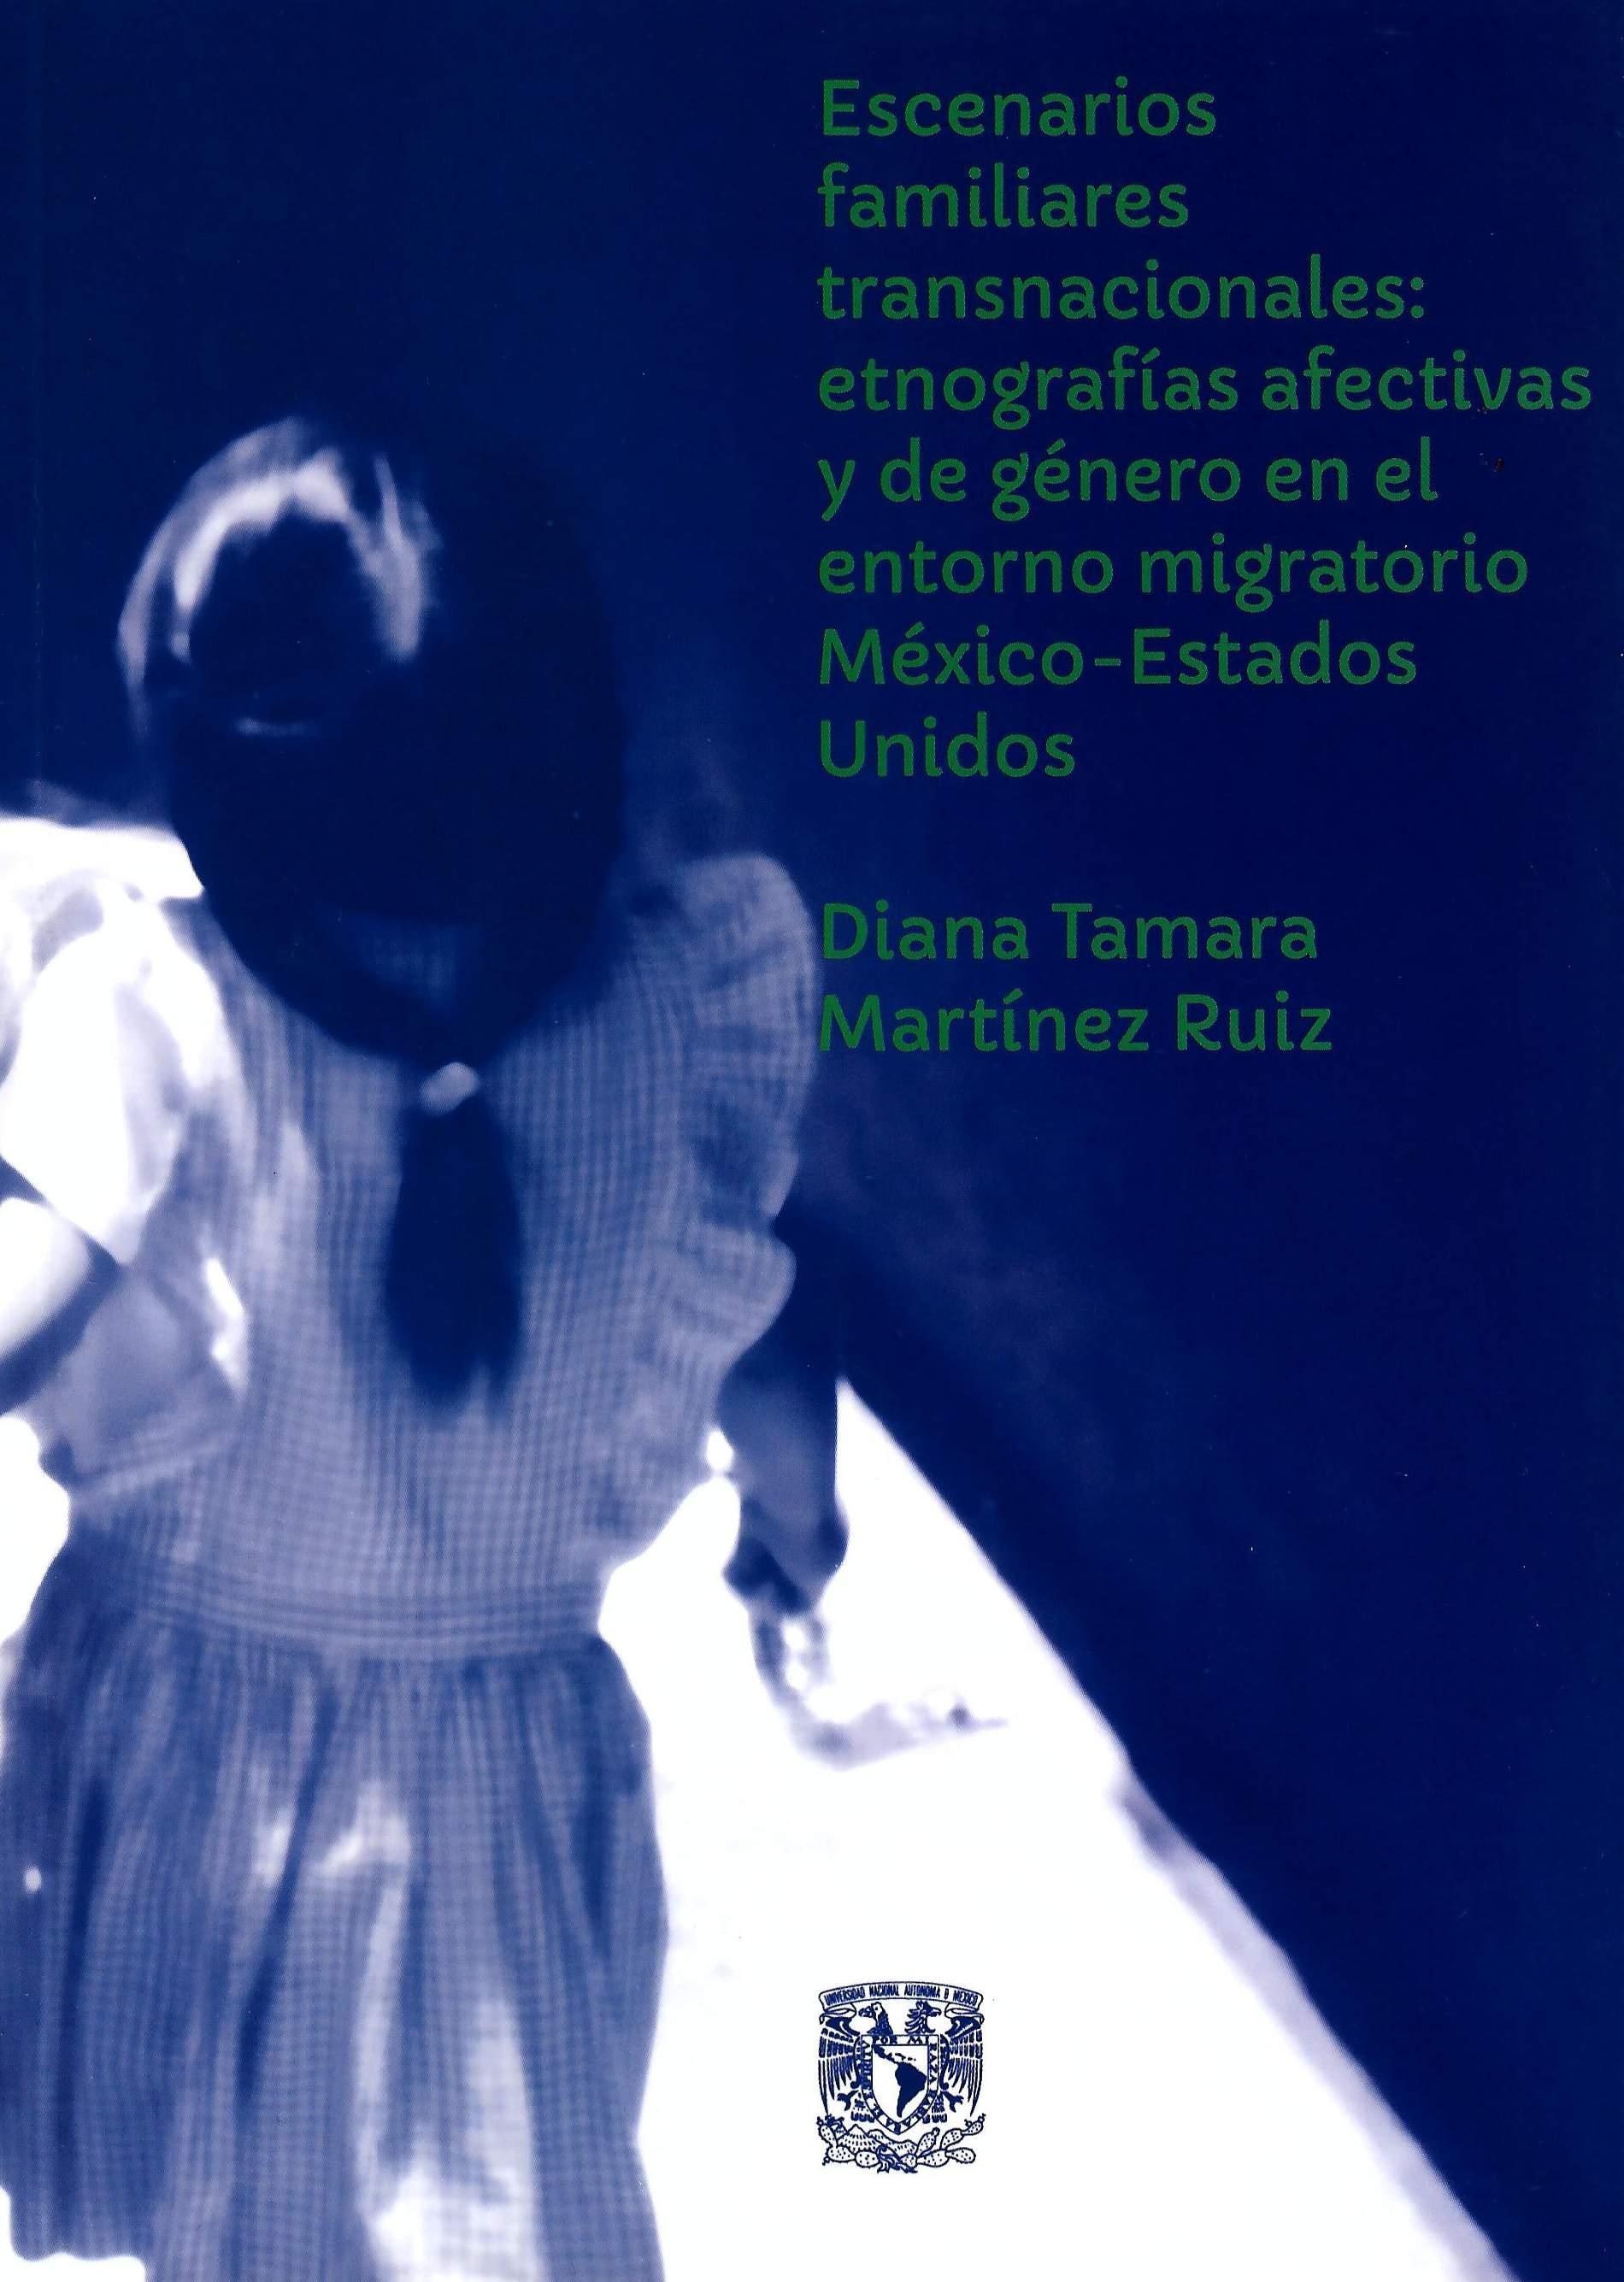 Escenarios familiares transnacionales: etnografías afectivas y de género en el entorno migratorio México-Estados Unidos